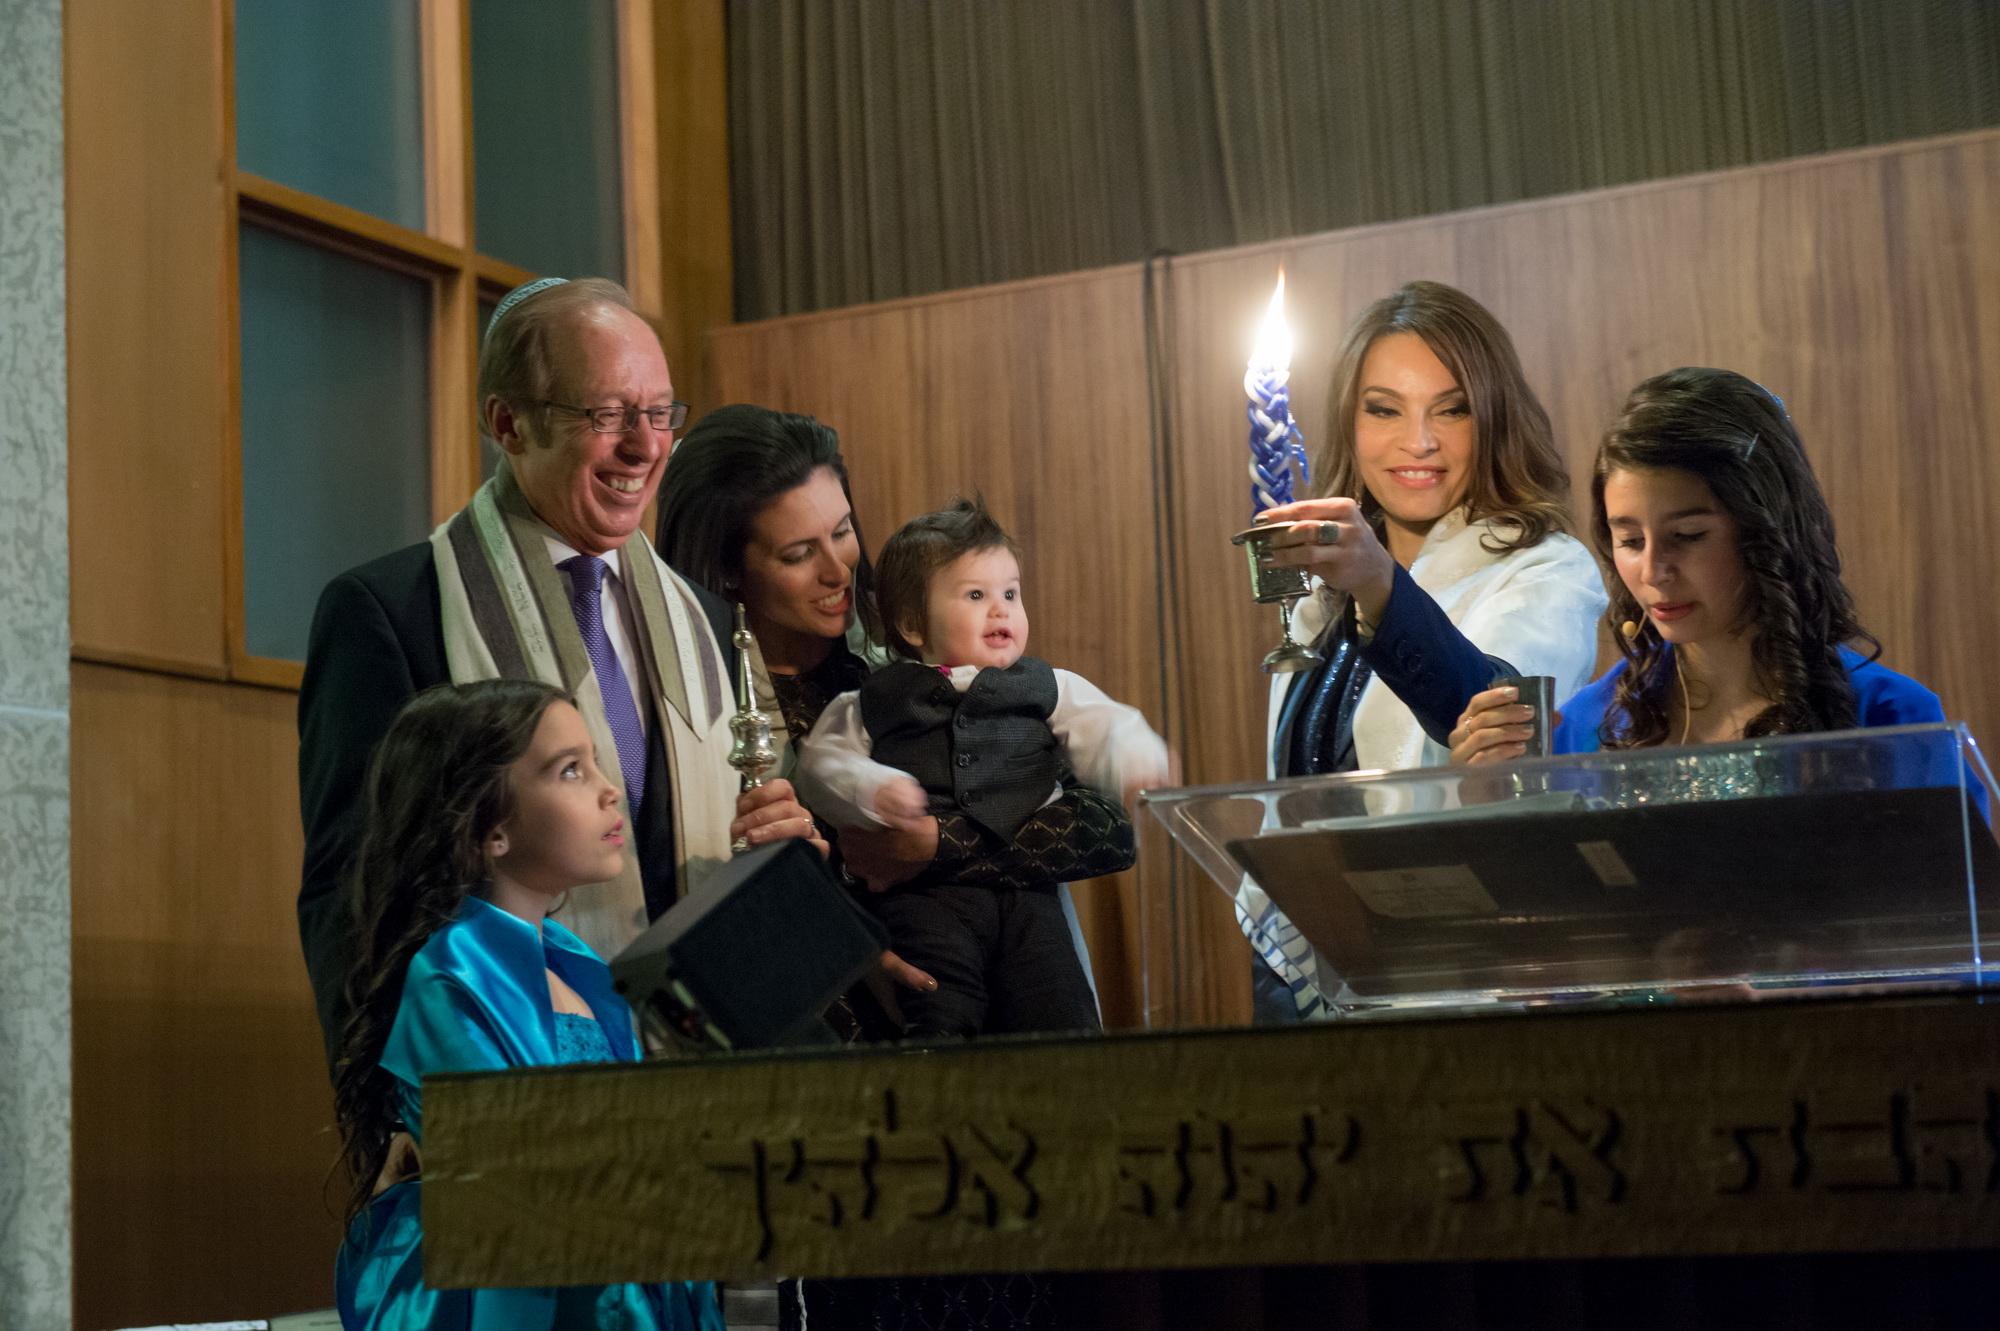 023-bar mitzvahs in winnipeg.jpg